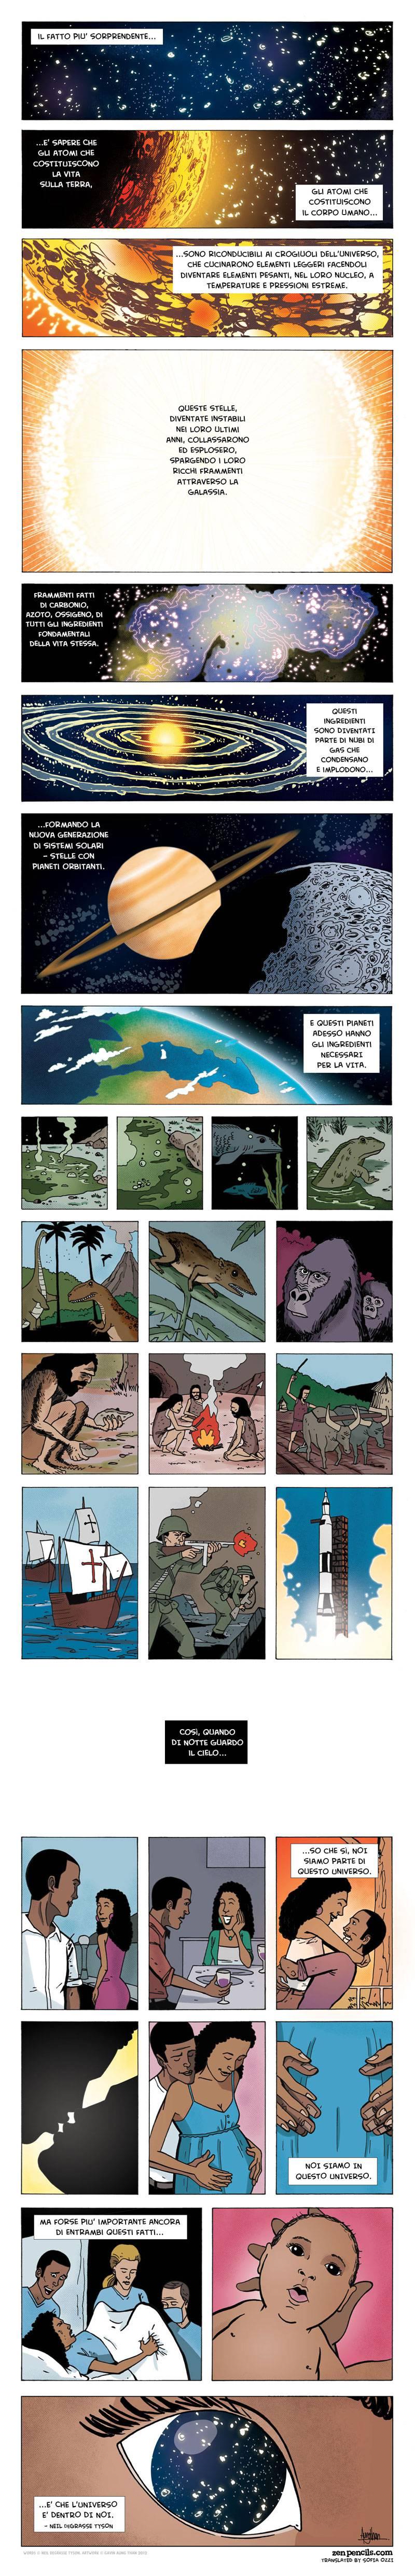 vignetta sulla creazione